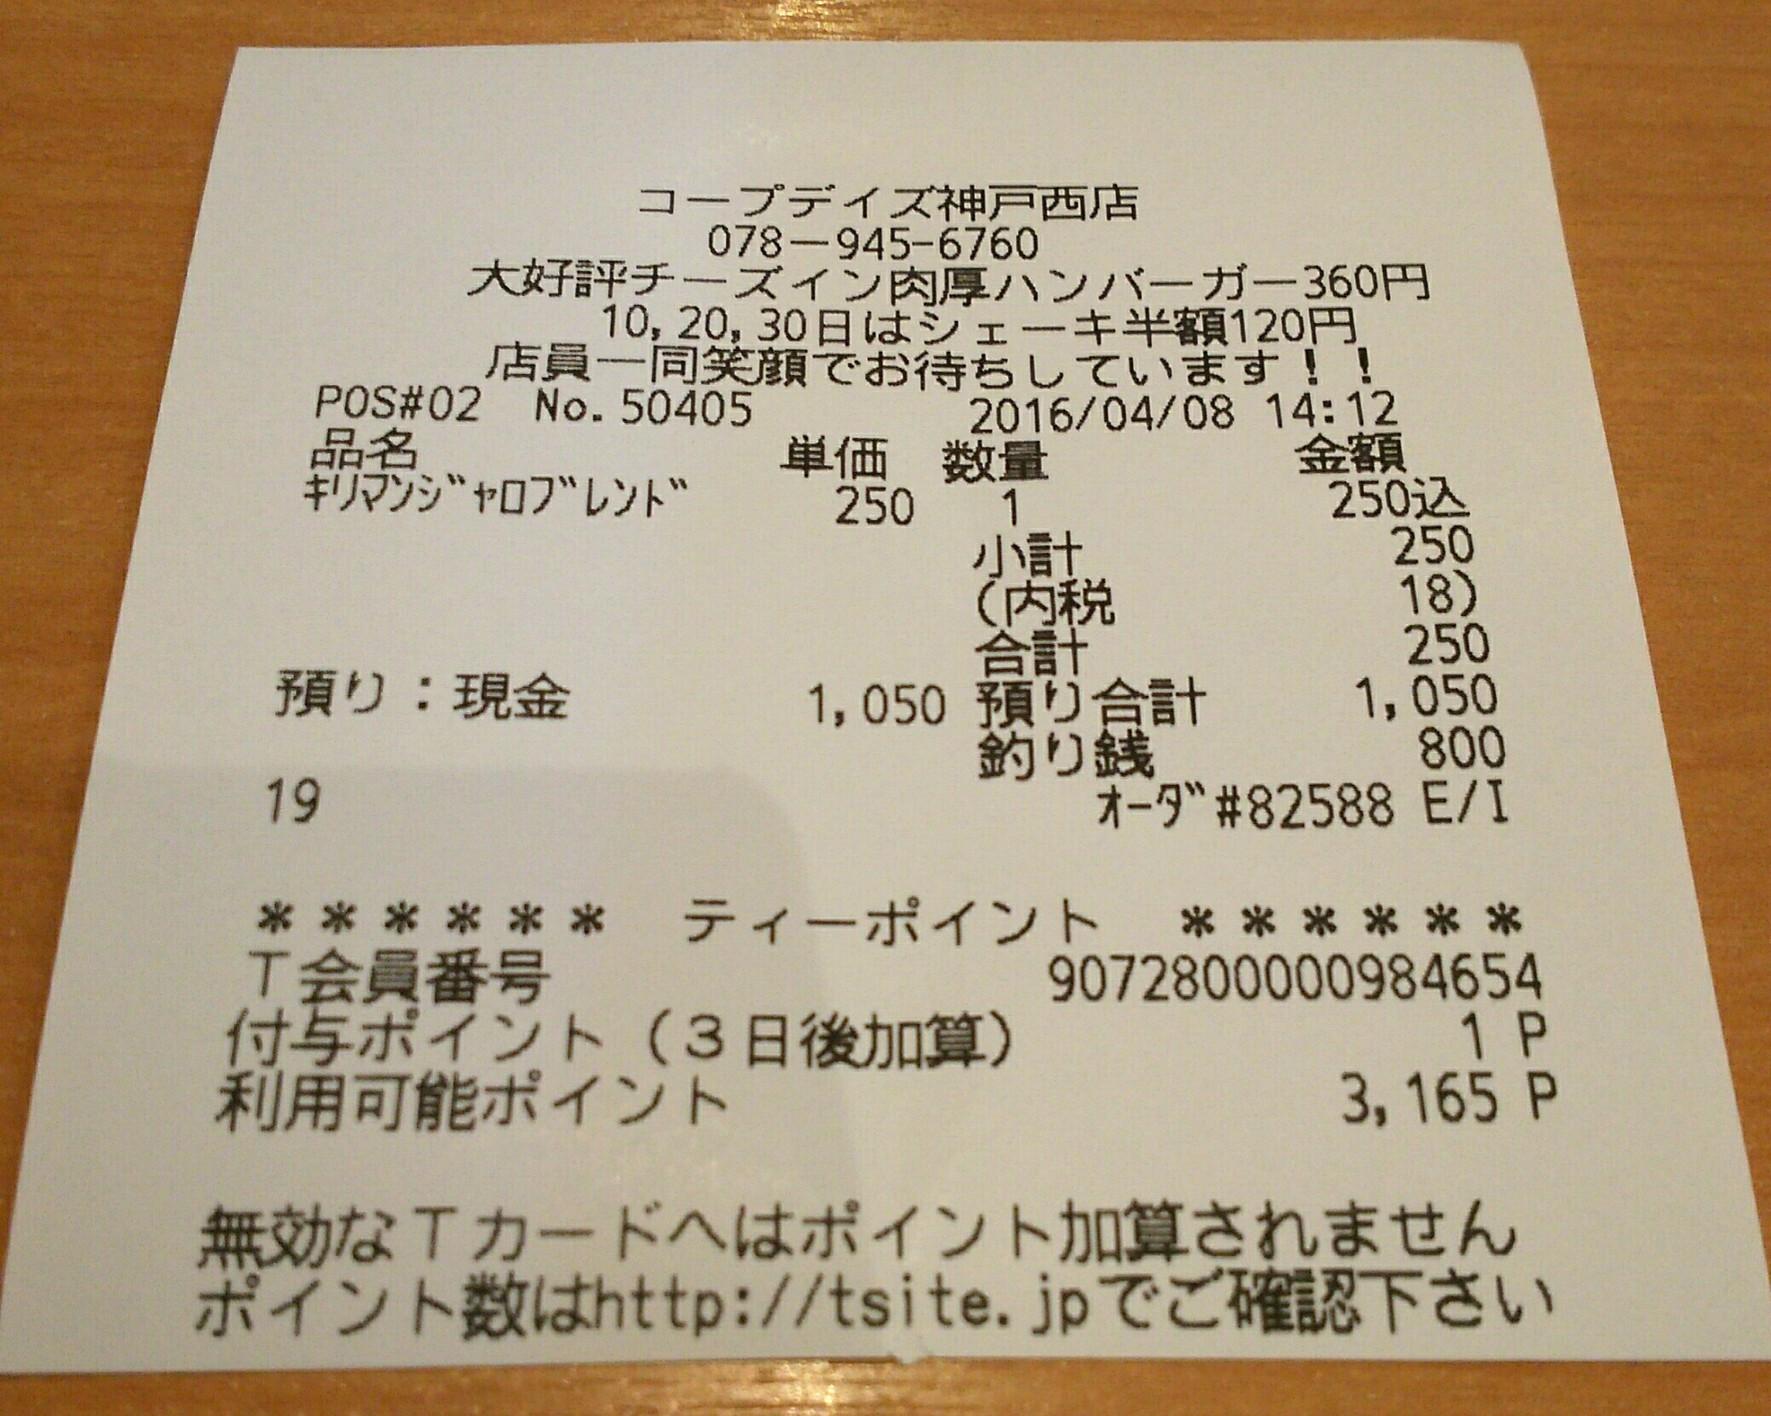 ロッテリア コープデイズ神戸西店